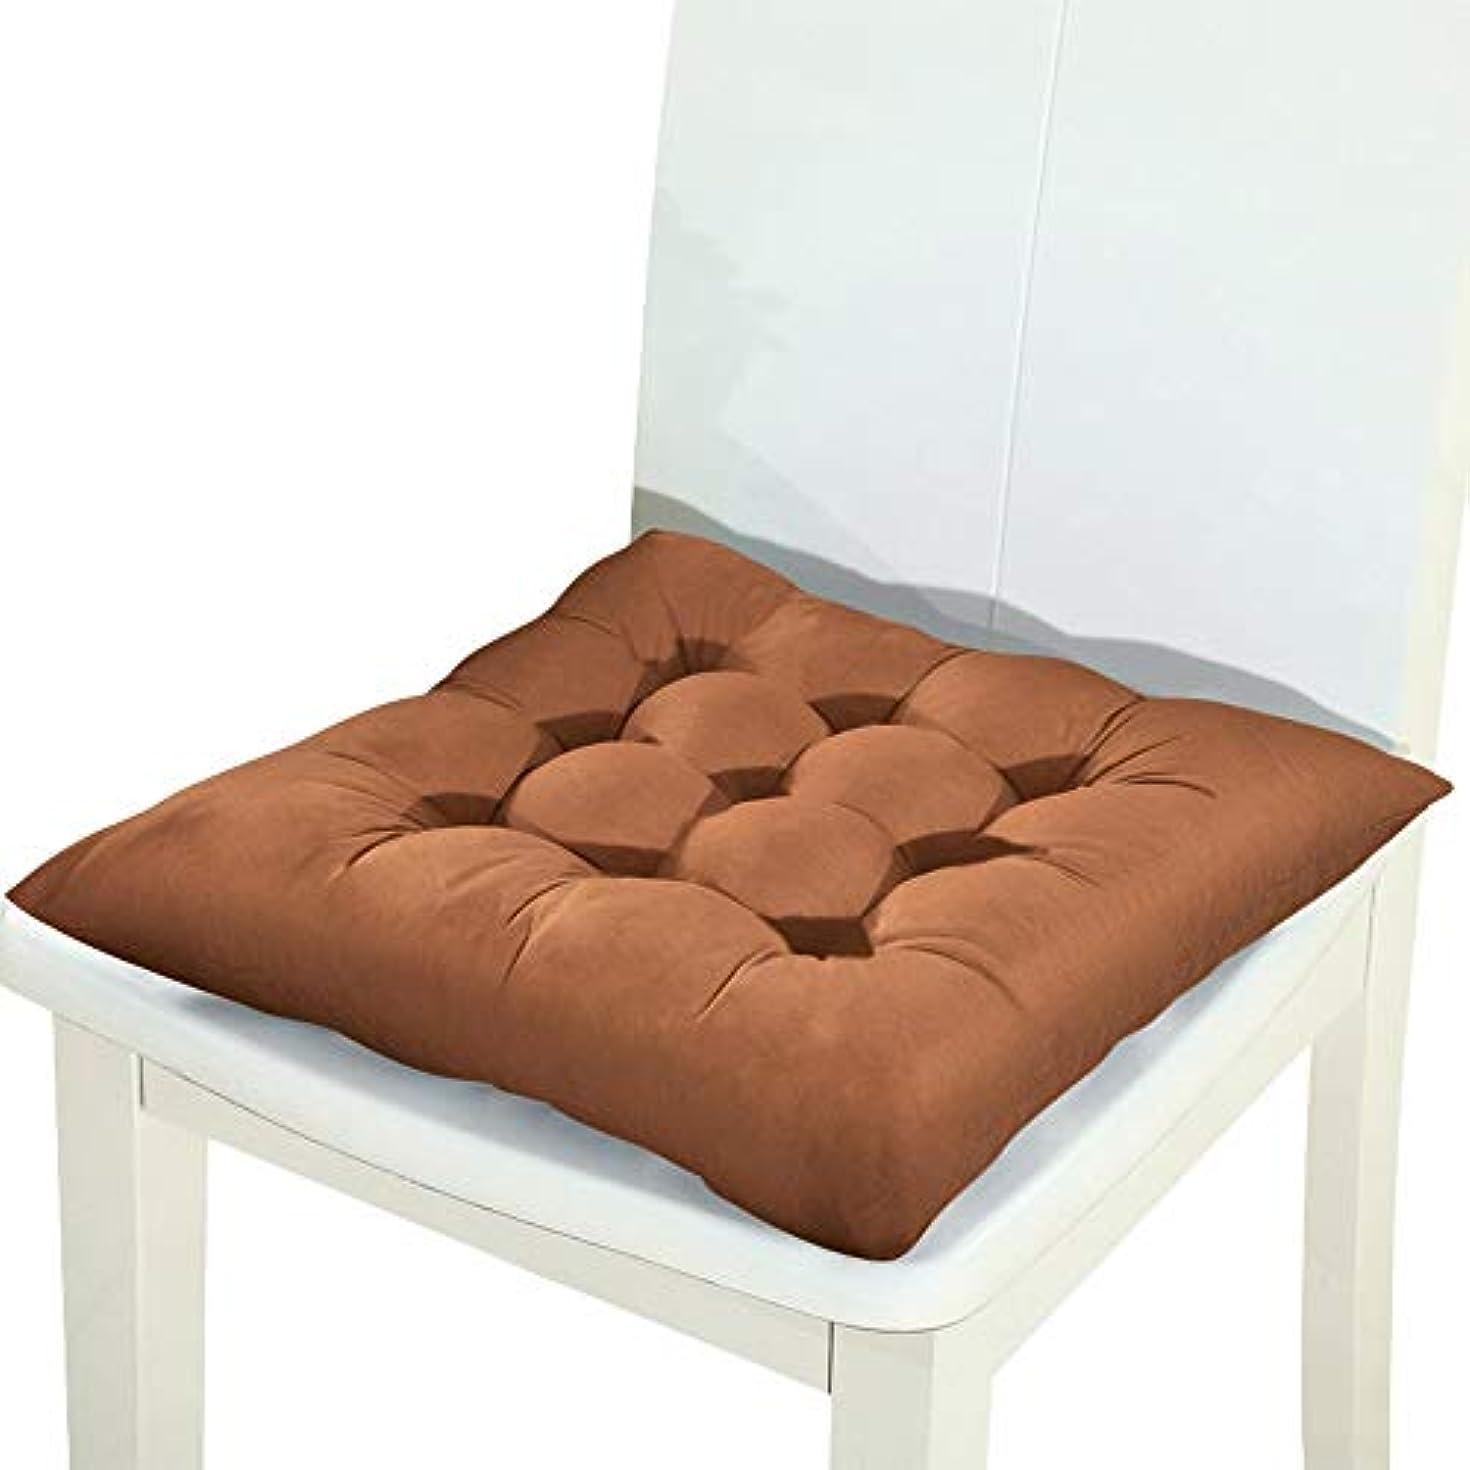 そんなに続編戦略LIFE 1/2/4 個 37 × 37 センチメートル座椅子バッククッション保温冬オフィスバーソファ枕臀部椅子クッション家の装飾 クッション 椅子